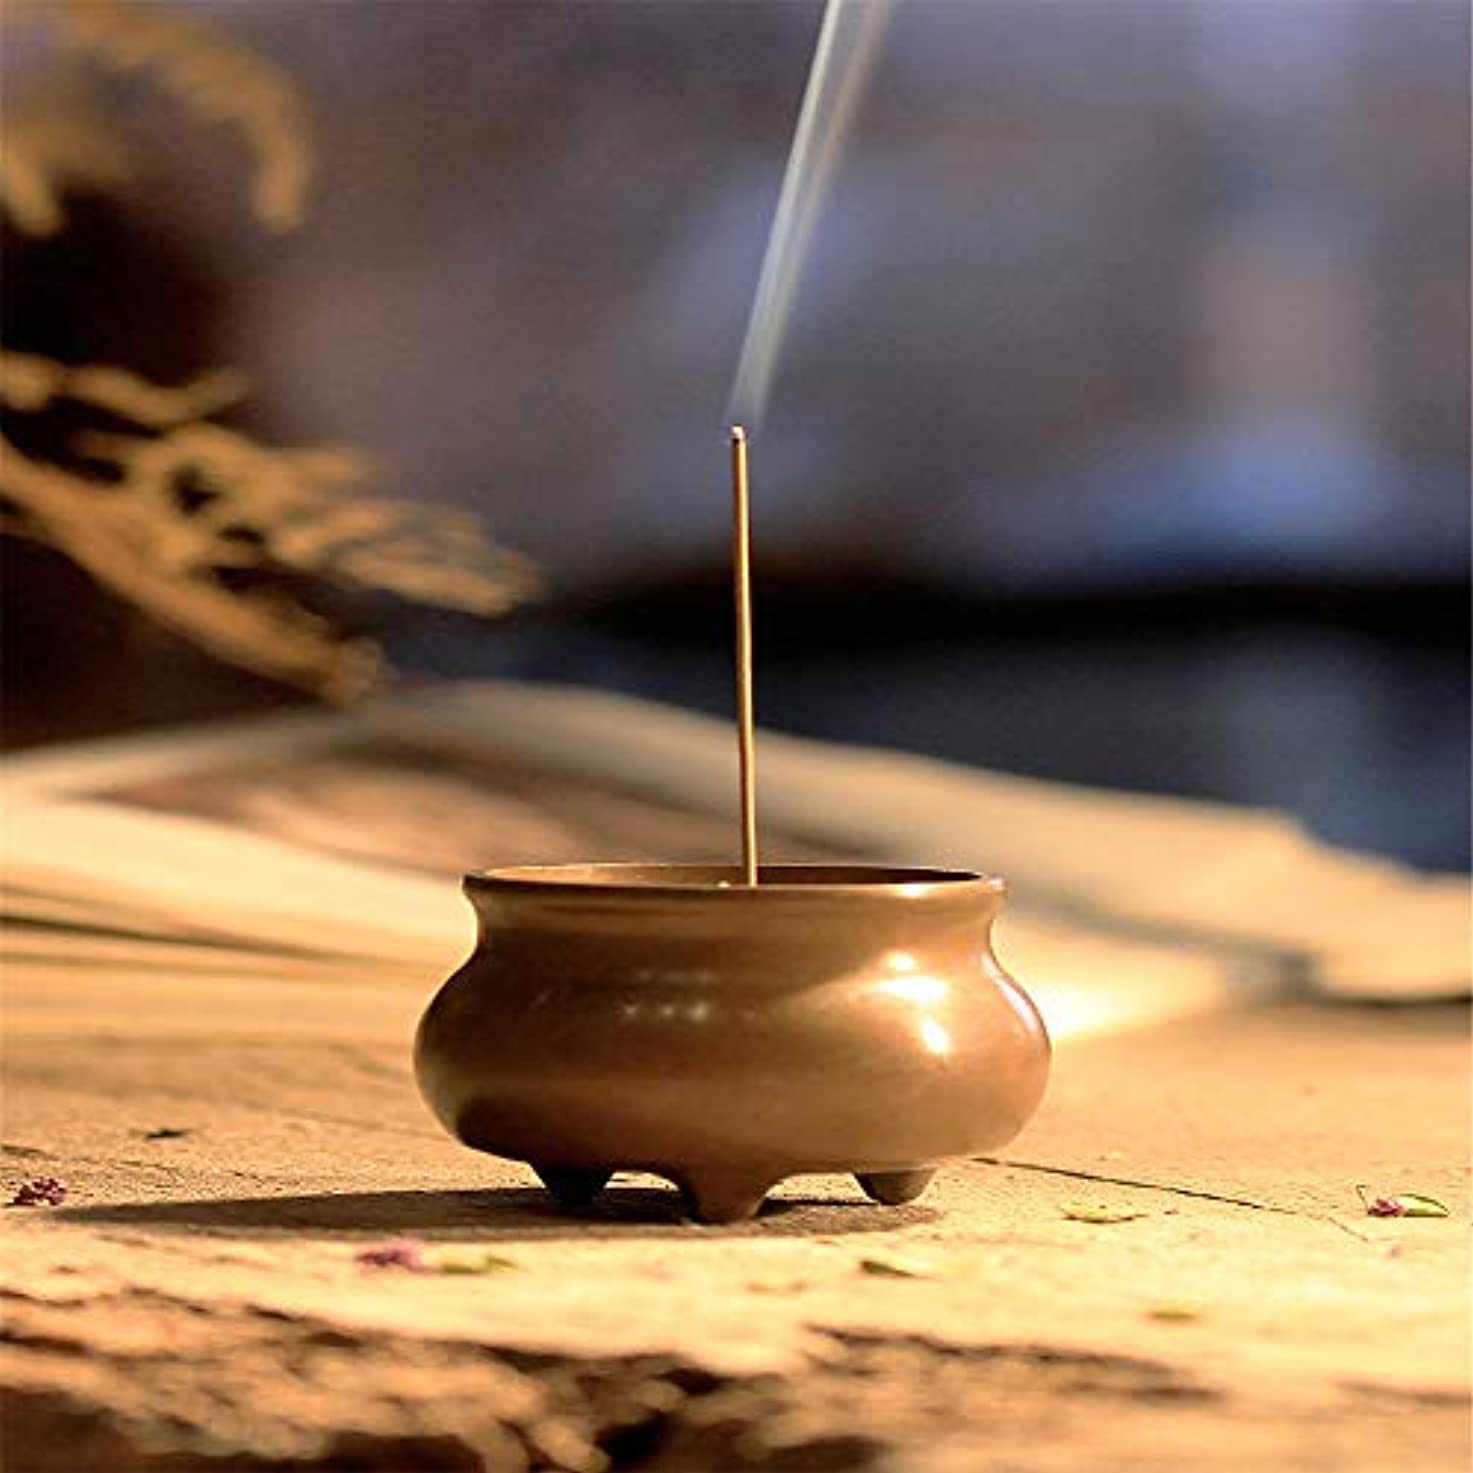 閉塞トロリーバススラムミニ家庭用銅香炉寒天炉小さな銅炉ホームオフィス茶室ホーム装飾用香炉に戻る4.8 * 3.8 * 3.6 cm